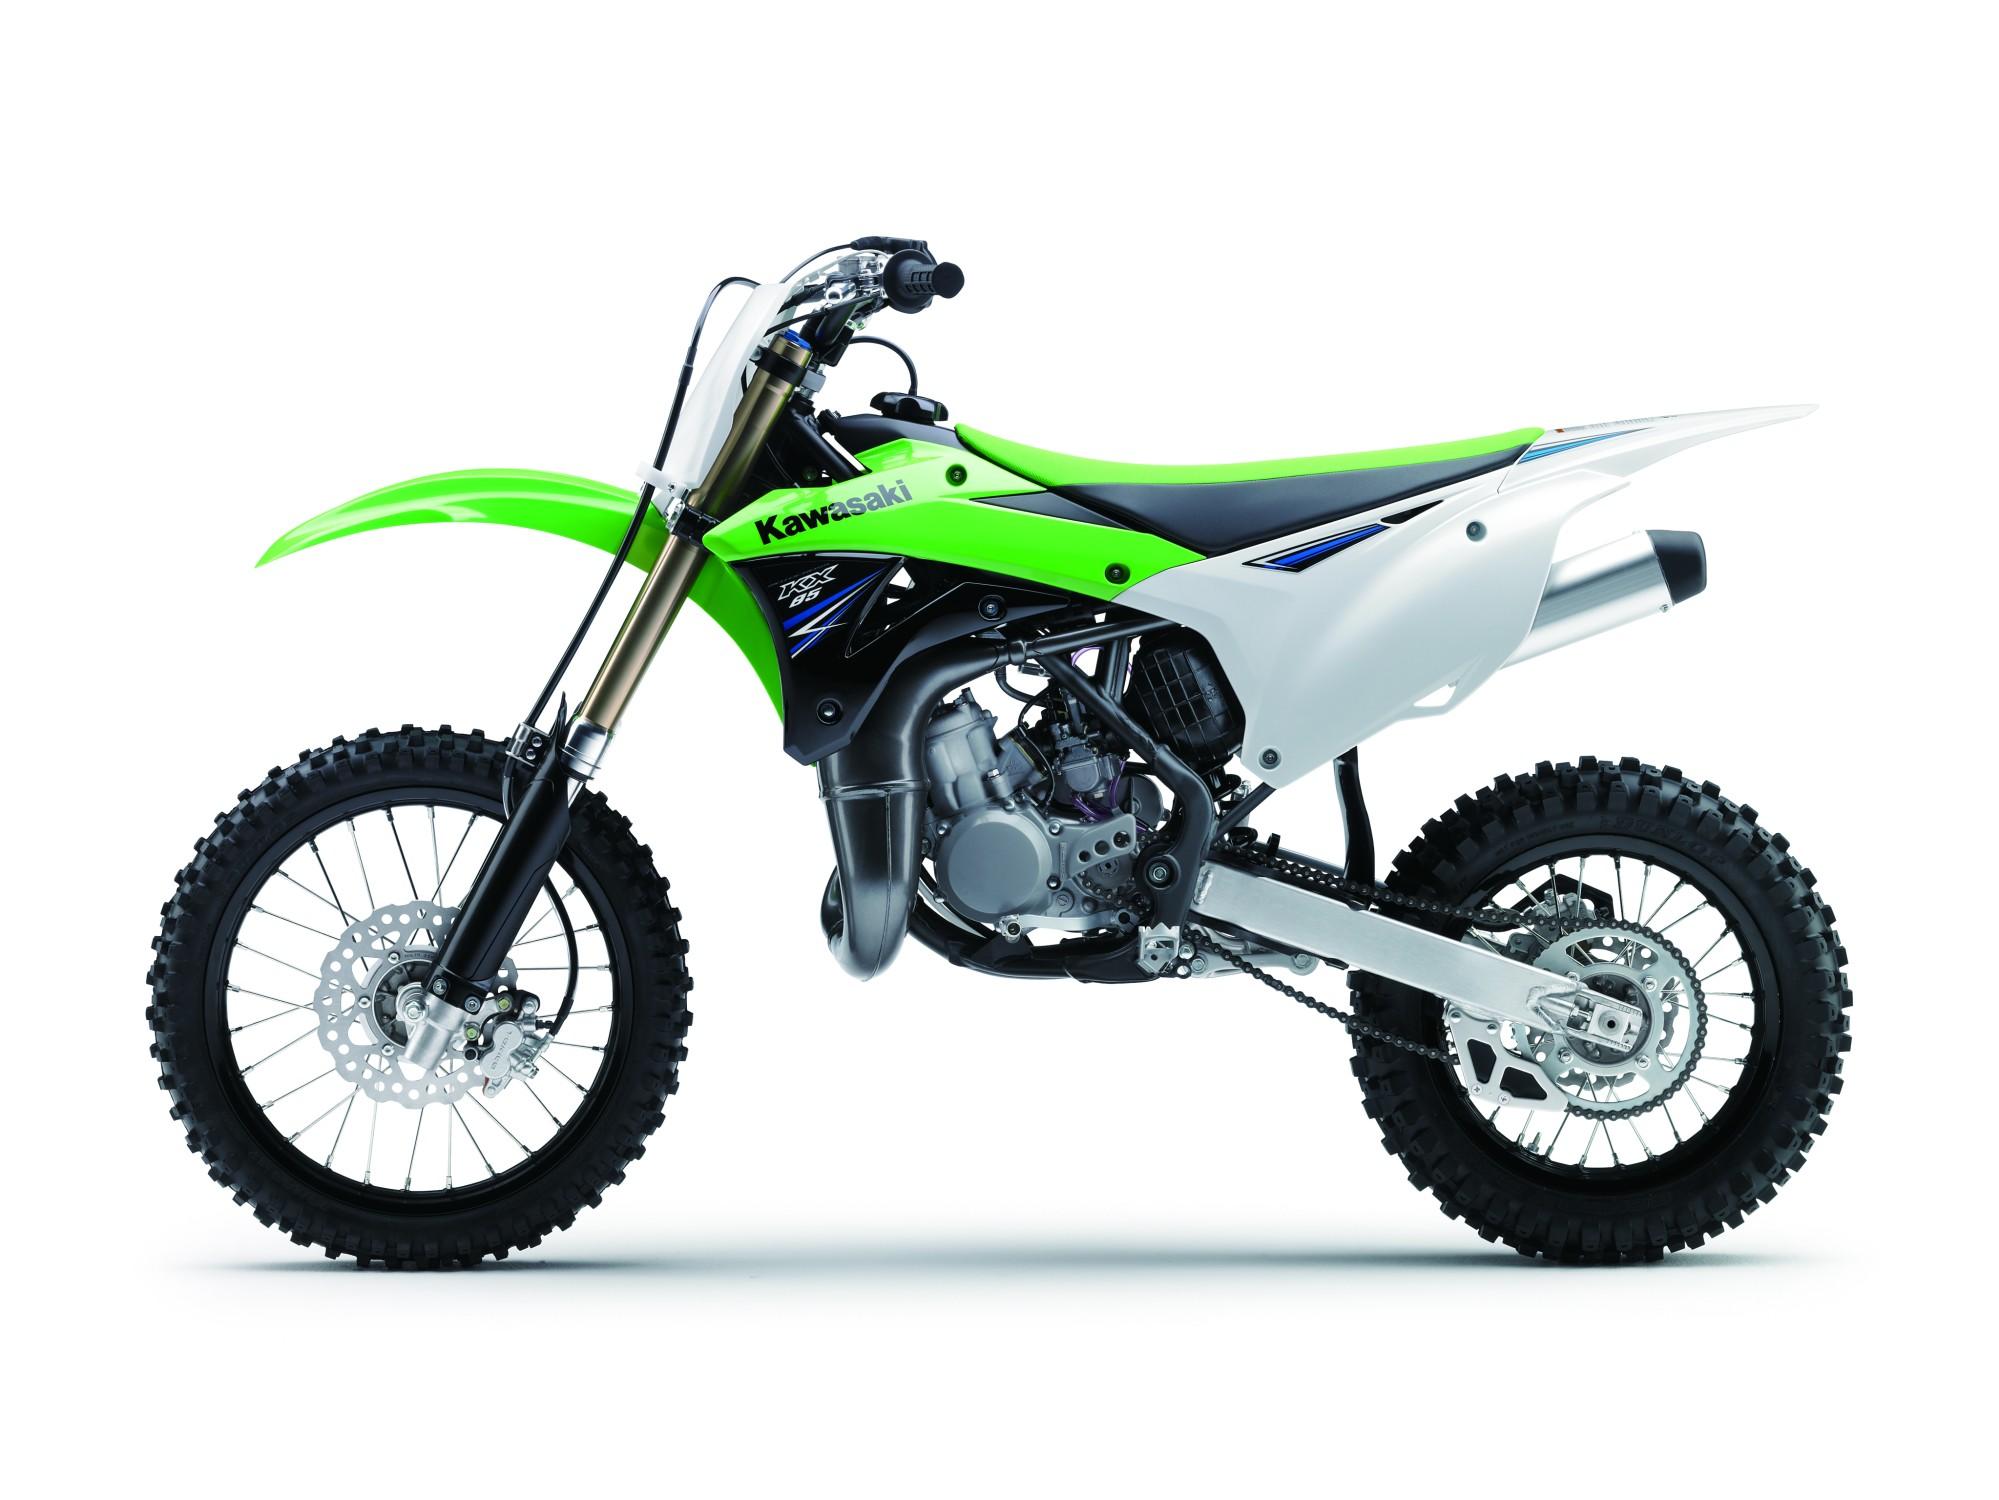 Kawasaki Zxr Size